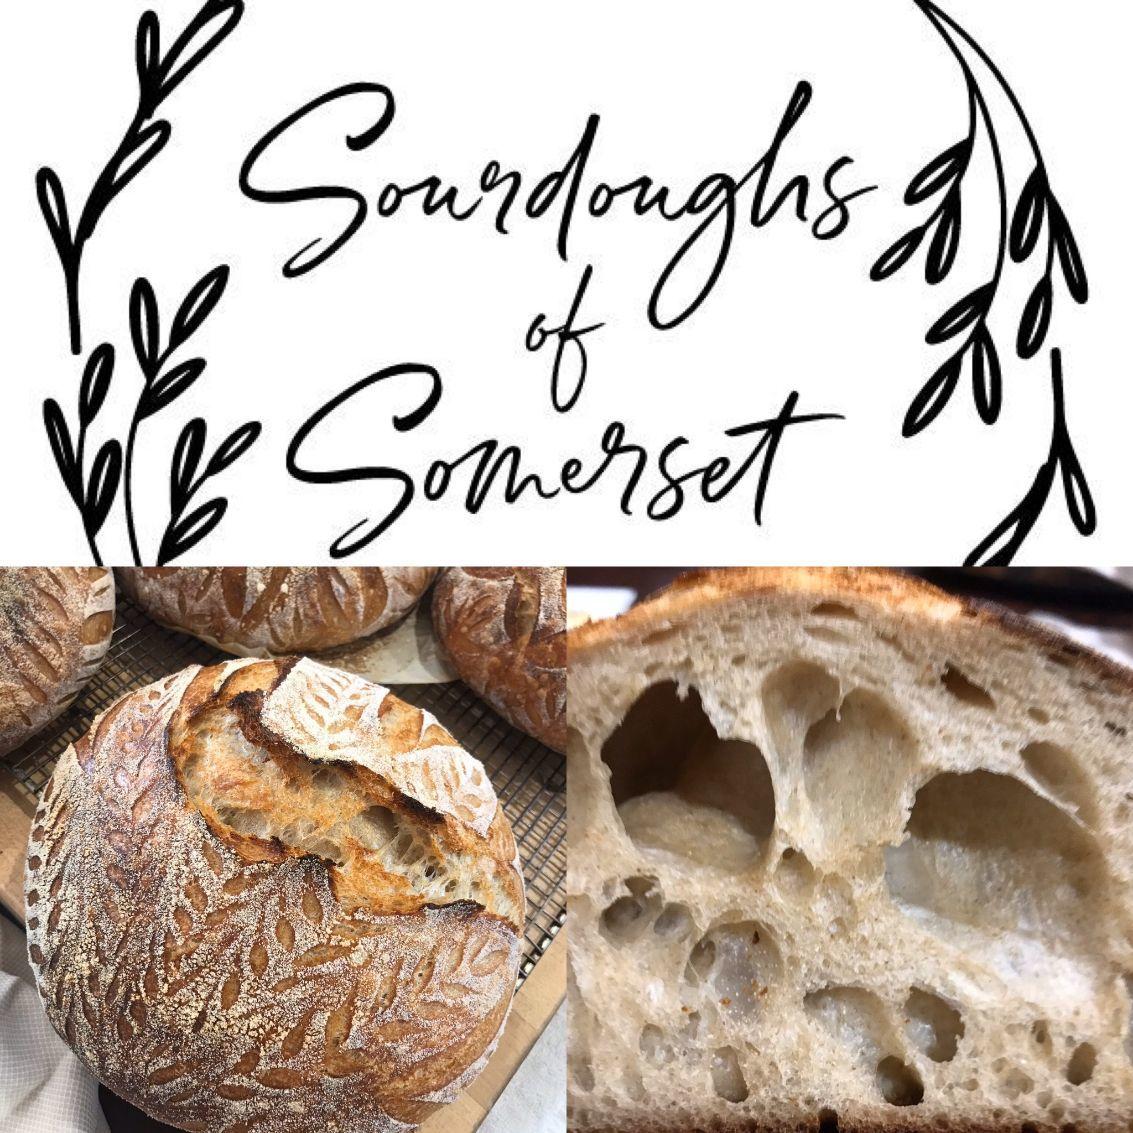 Sourdoughs of Somerset